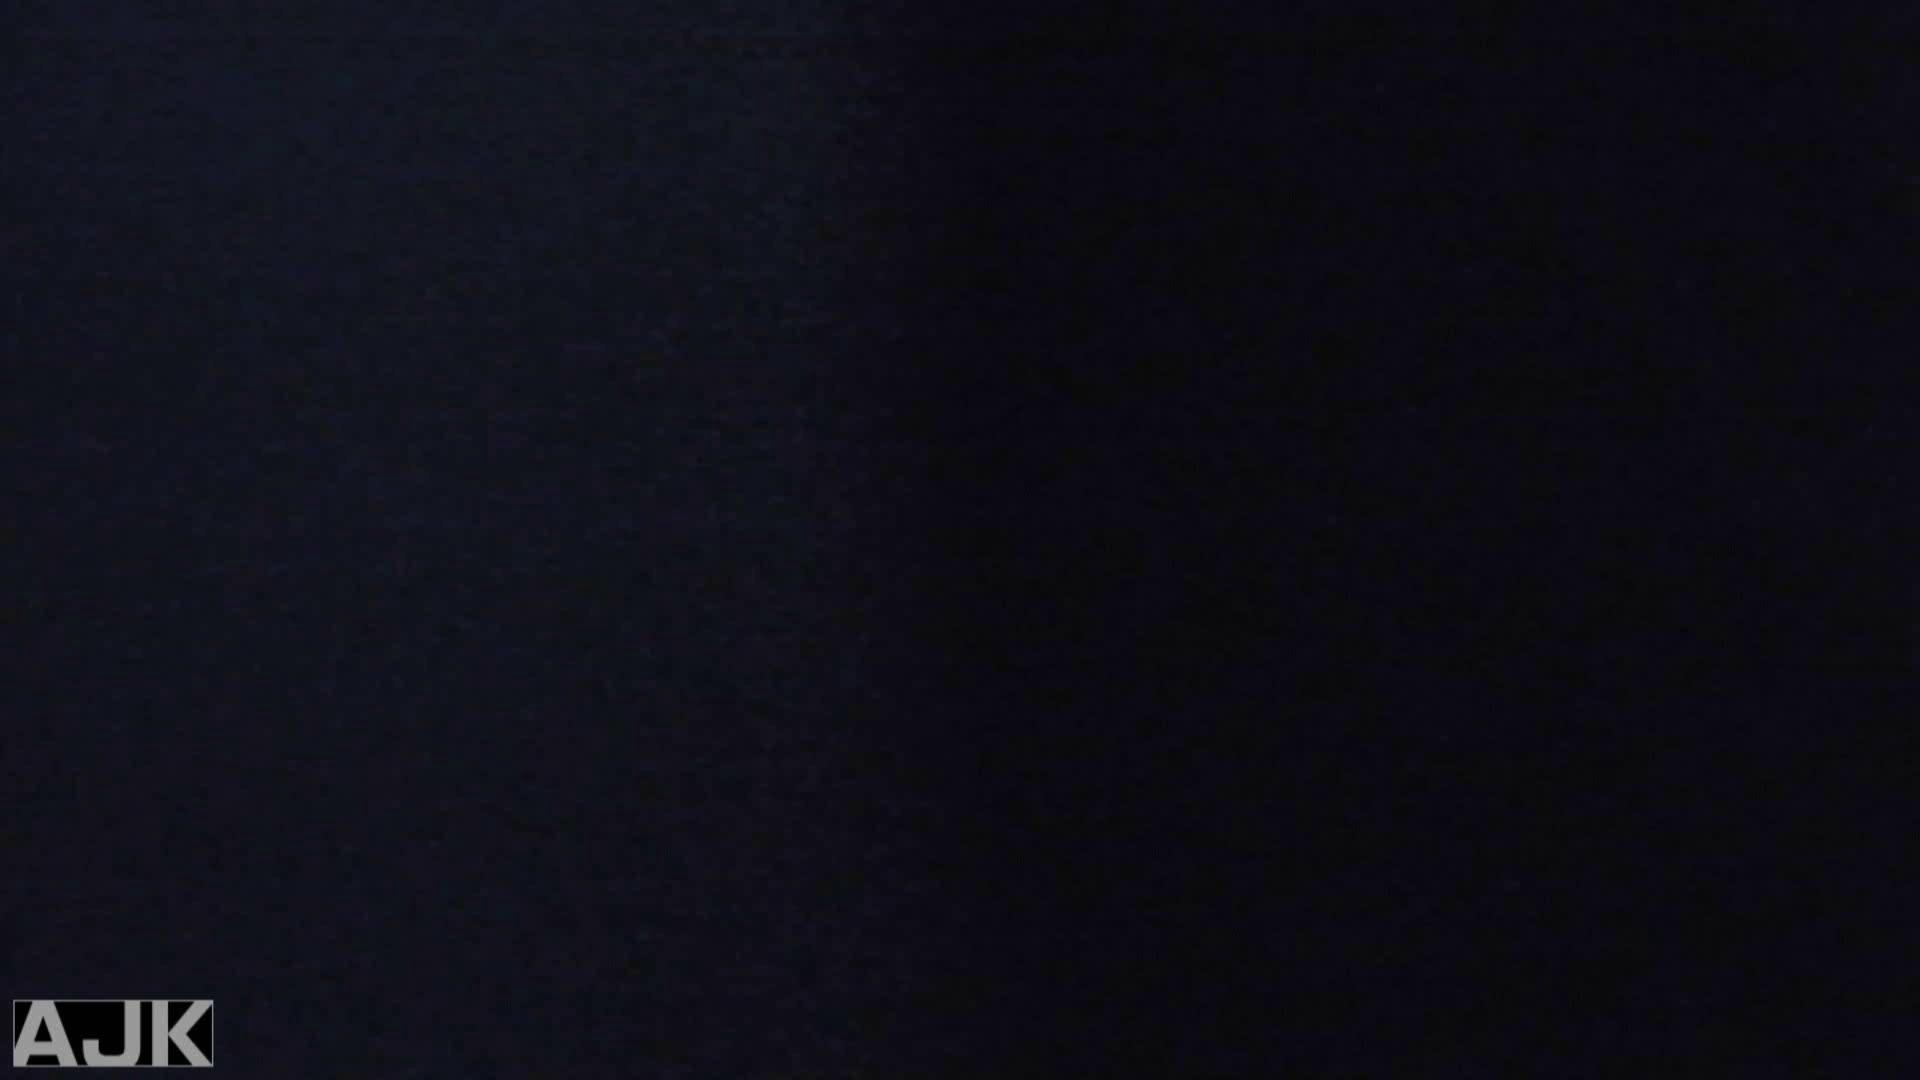 隣国上階級エリアの令嬢たちが集うデパートお手洗い Vol.13 便所で・・・ アダルト動画キャプチャ 100画像 73